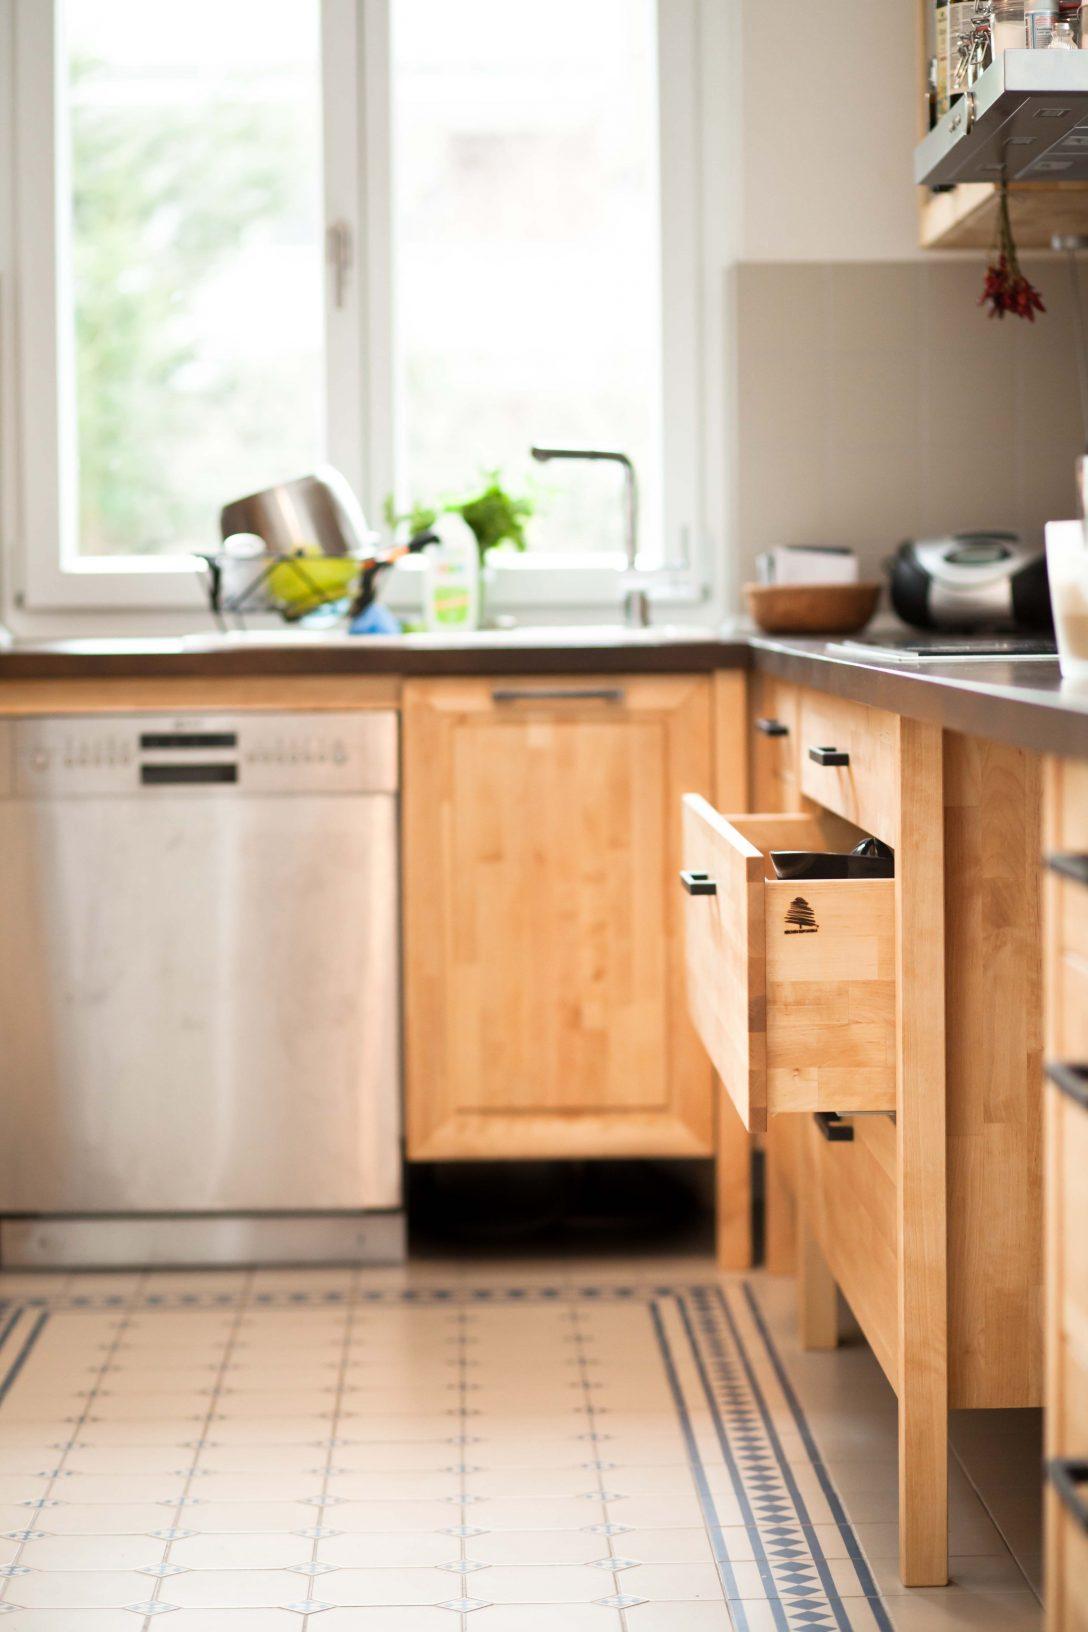 Large Size of Küche Selbst Zusammenstellen Massivholzkche Echtholzkche Schne Kchenidee Diese Kche Industriedesign Kleine Einbauküche Eckschrank Modulküche Ikea Mit Küche Küche Selbst Zusammenstellen